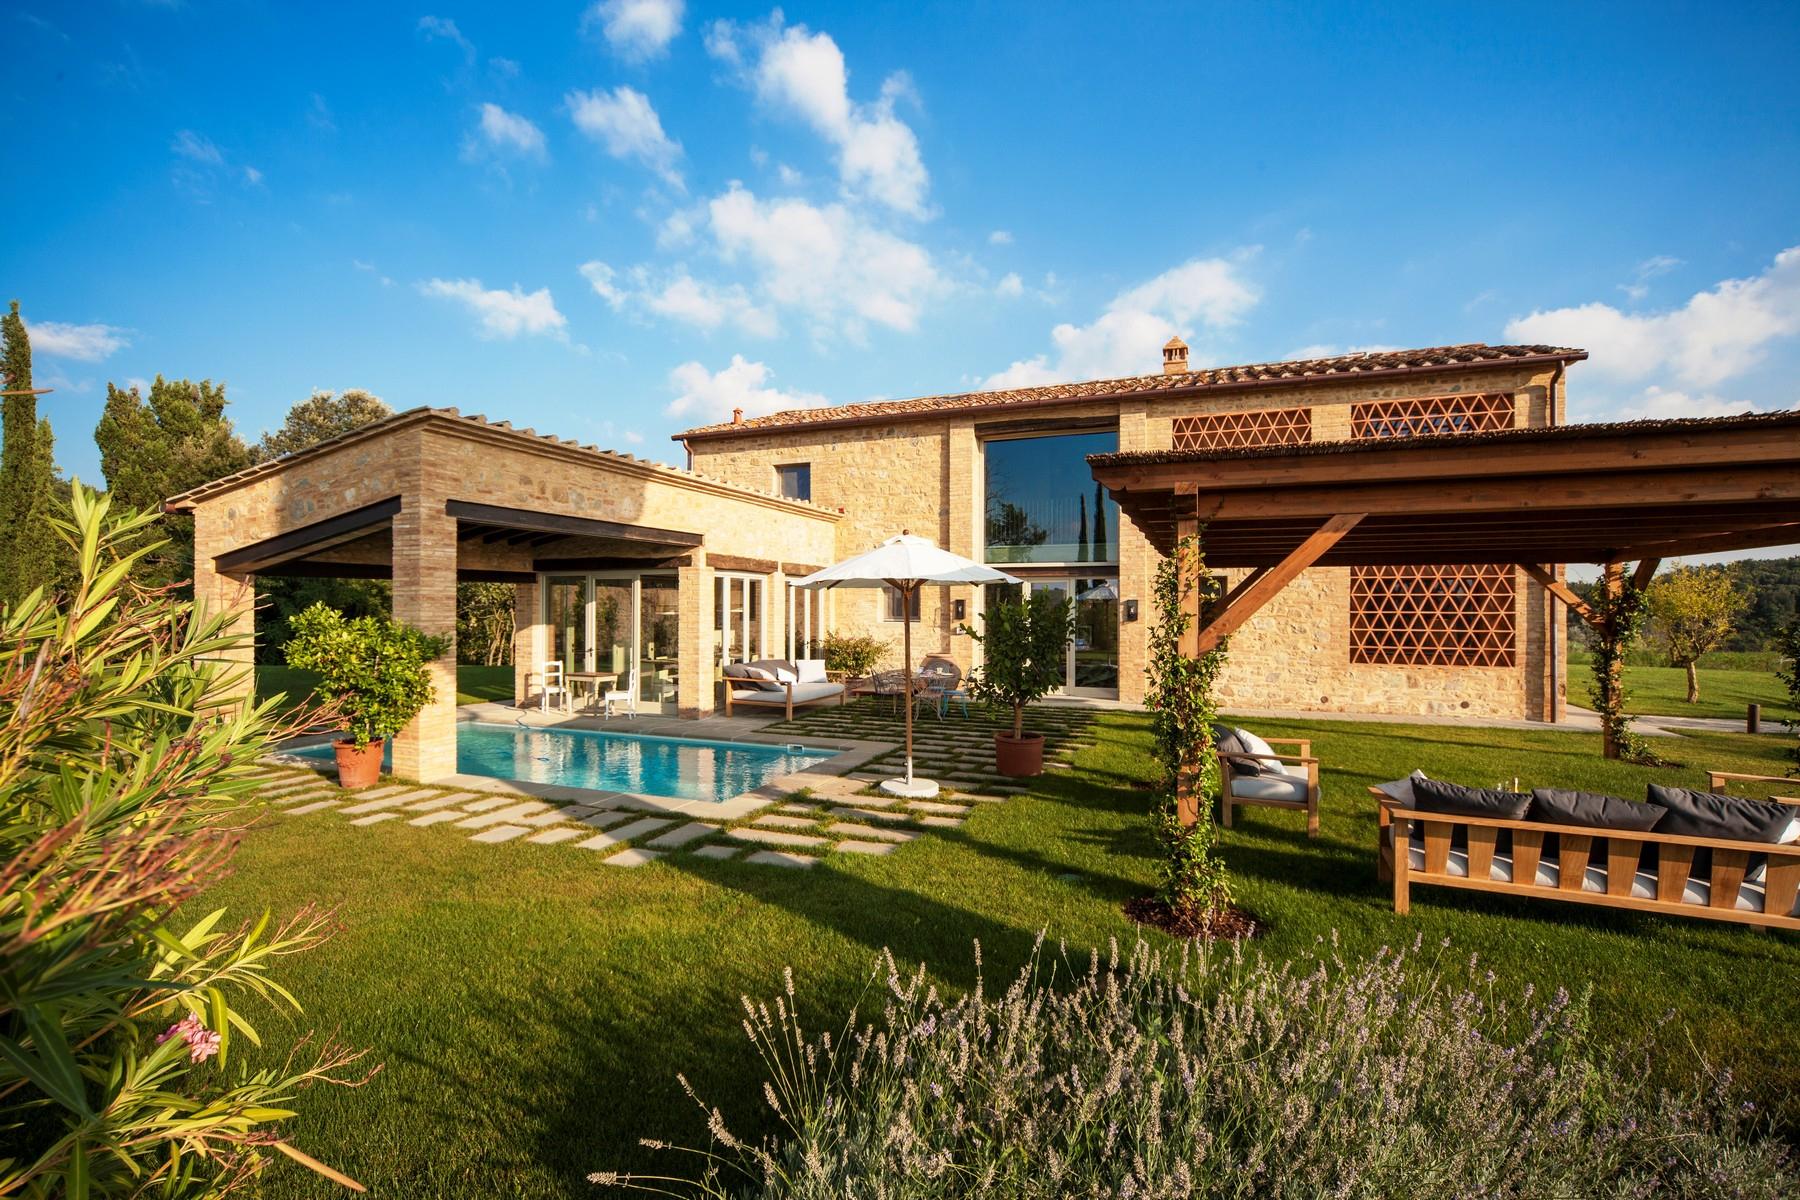 Villa in Vendita a Montaione: 5 locali, 280 mq